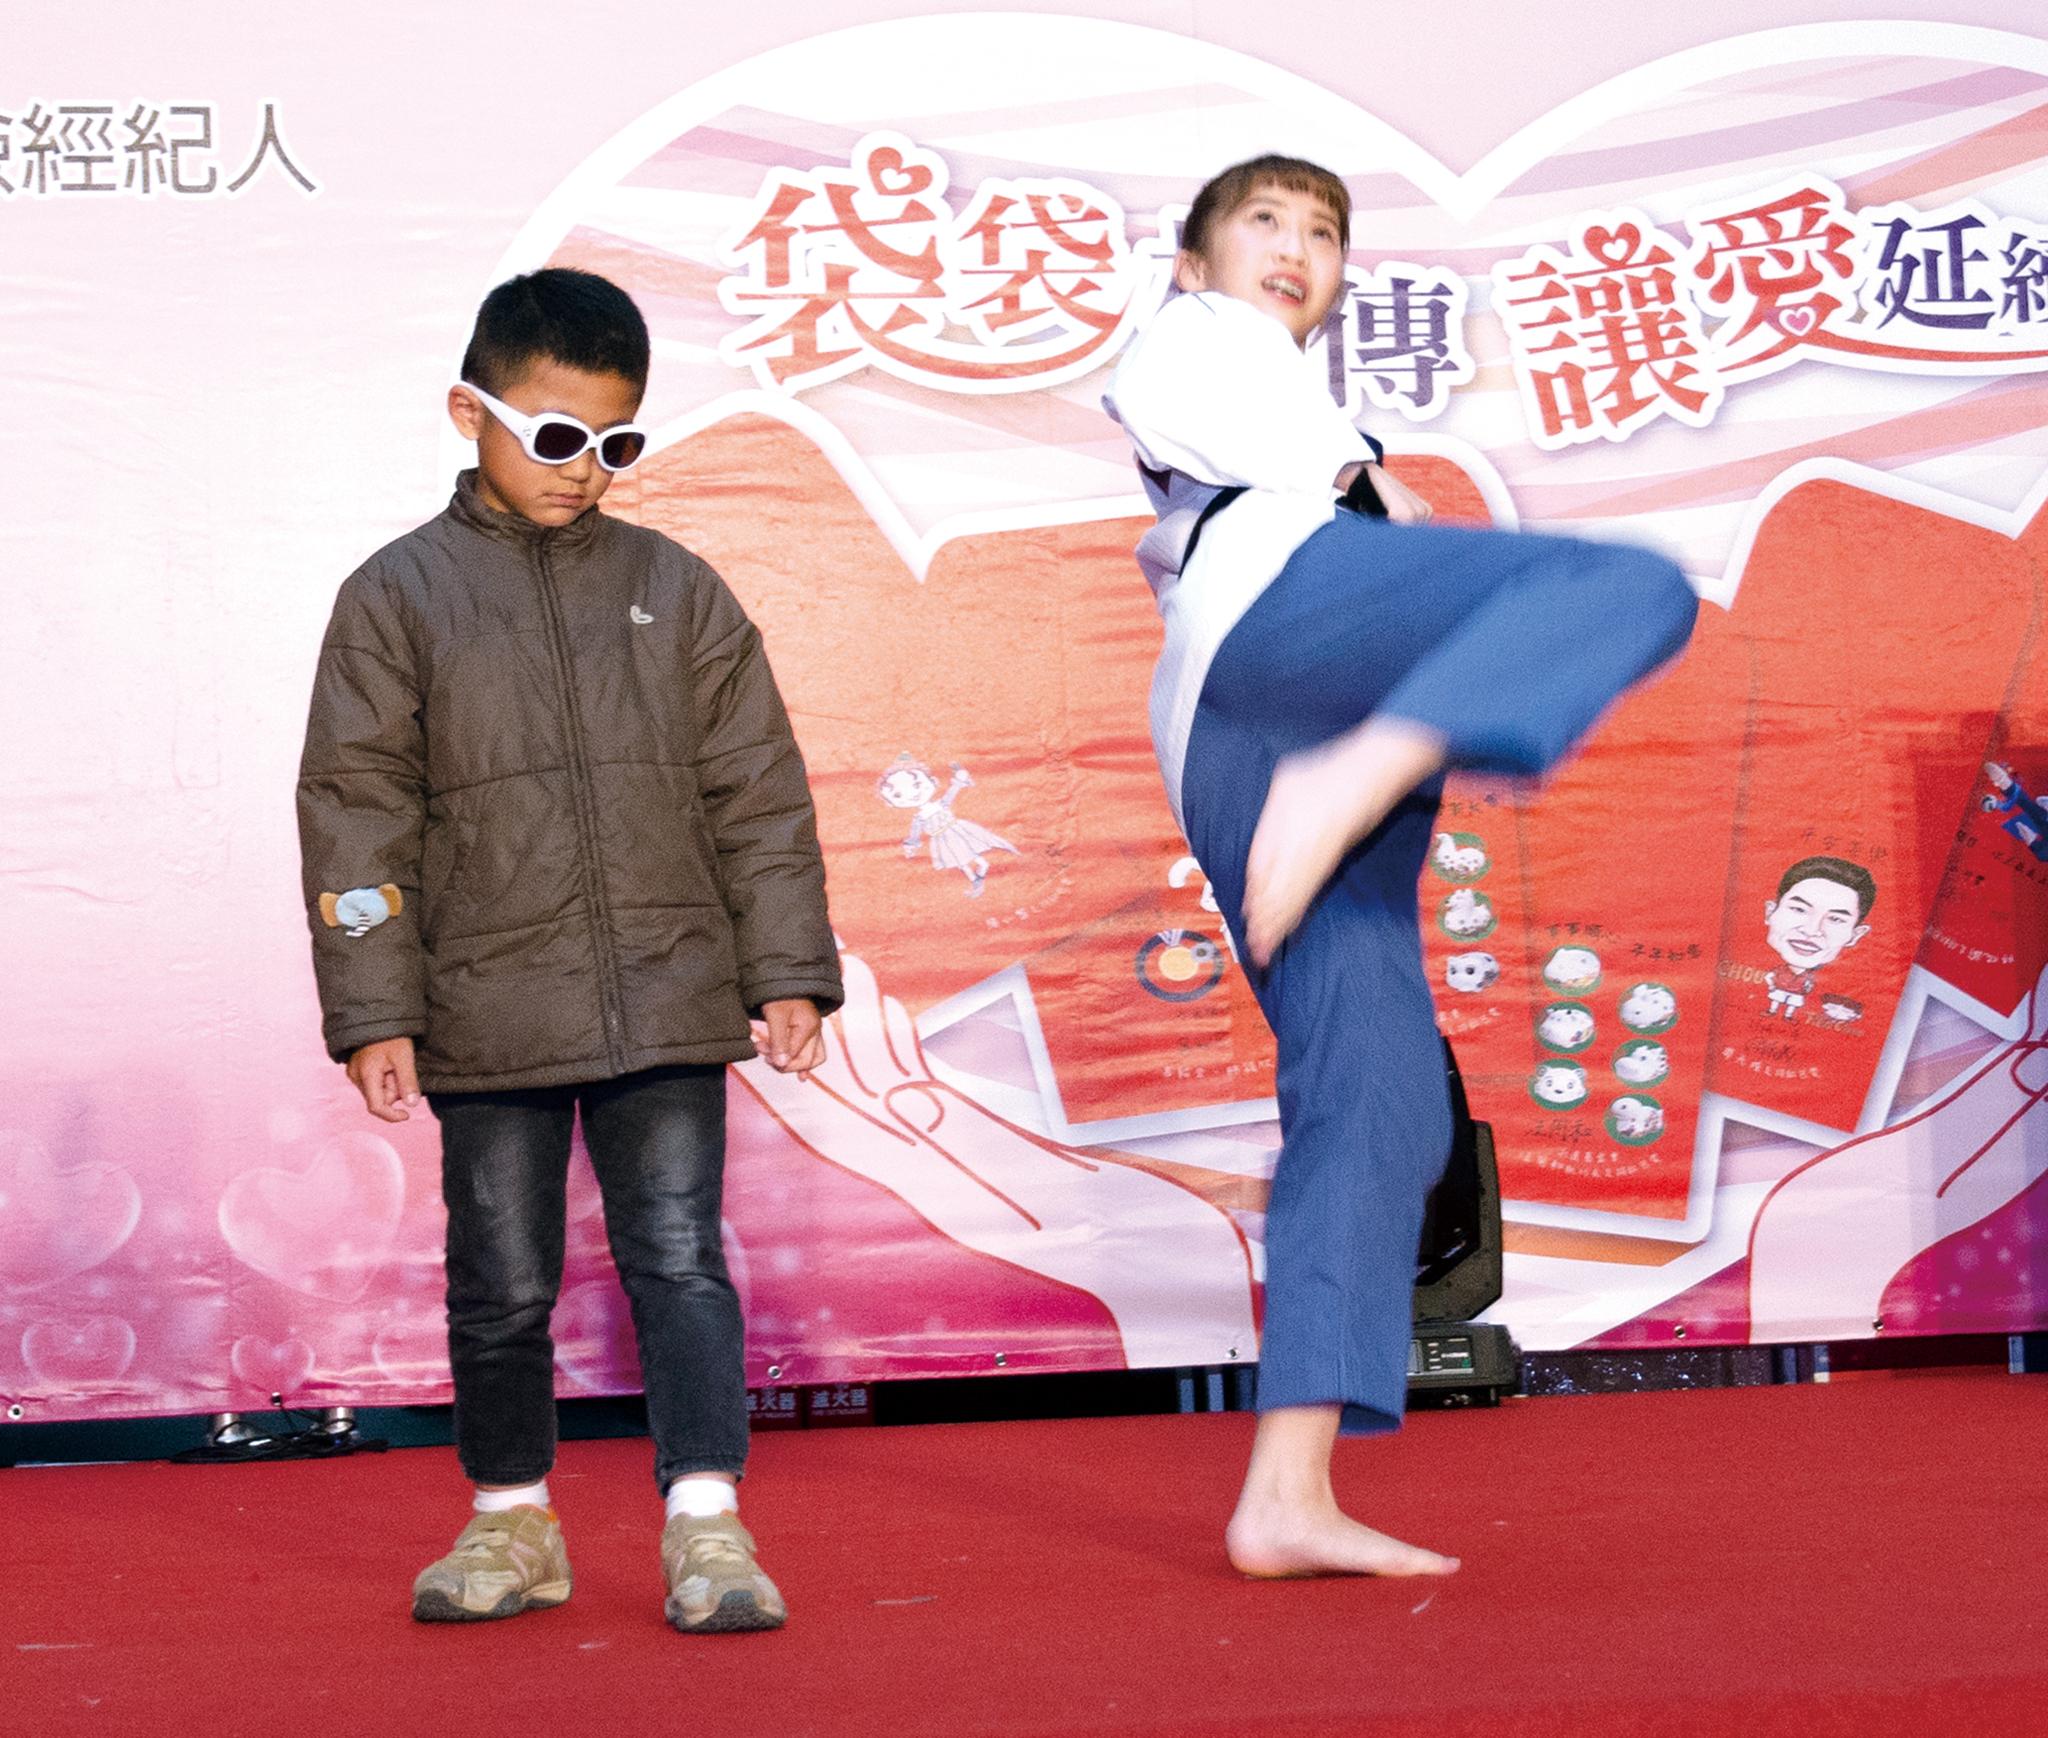 ▲跆拳小可愛林侃諭教孩子跆拳品勢動作。